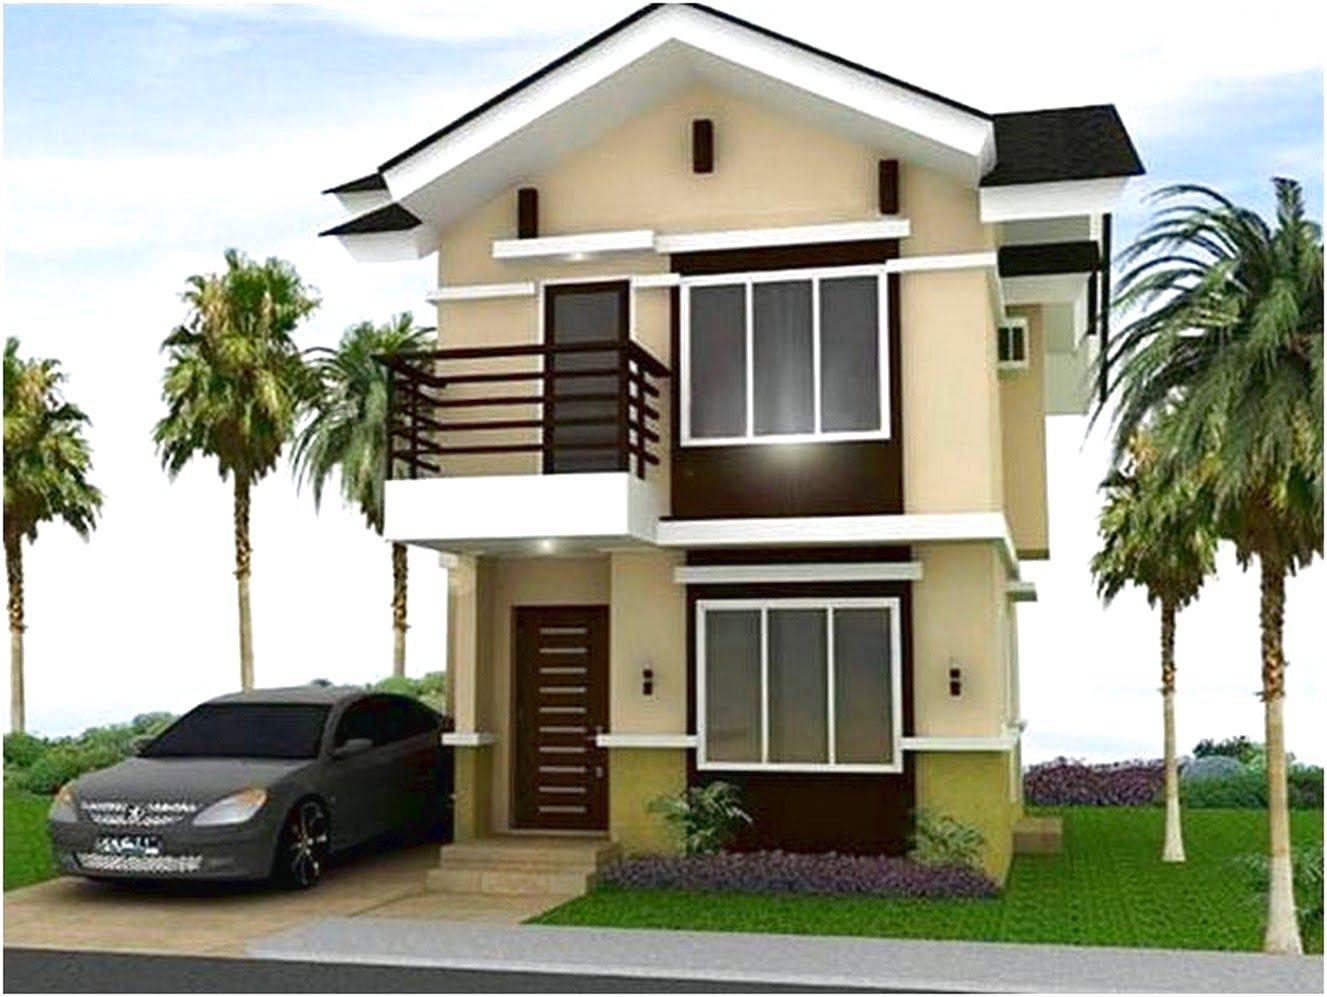 Desain Rumah Minimalis Sederhana 2 Lantai Terbaru Archives Deagam Design